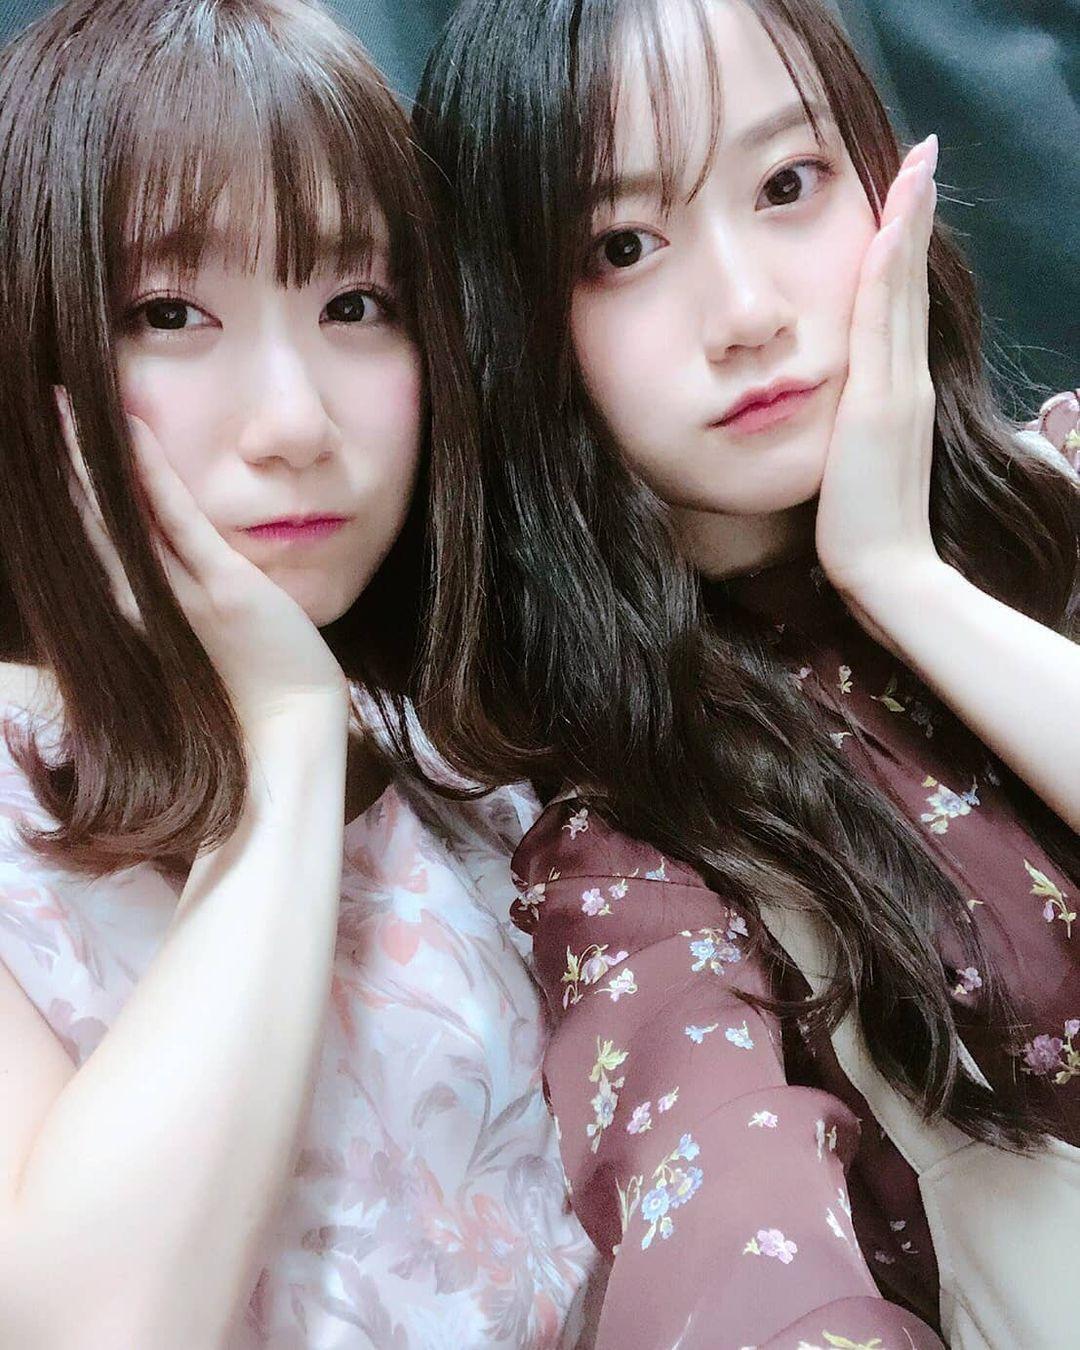 hidaka_rina083.jpg